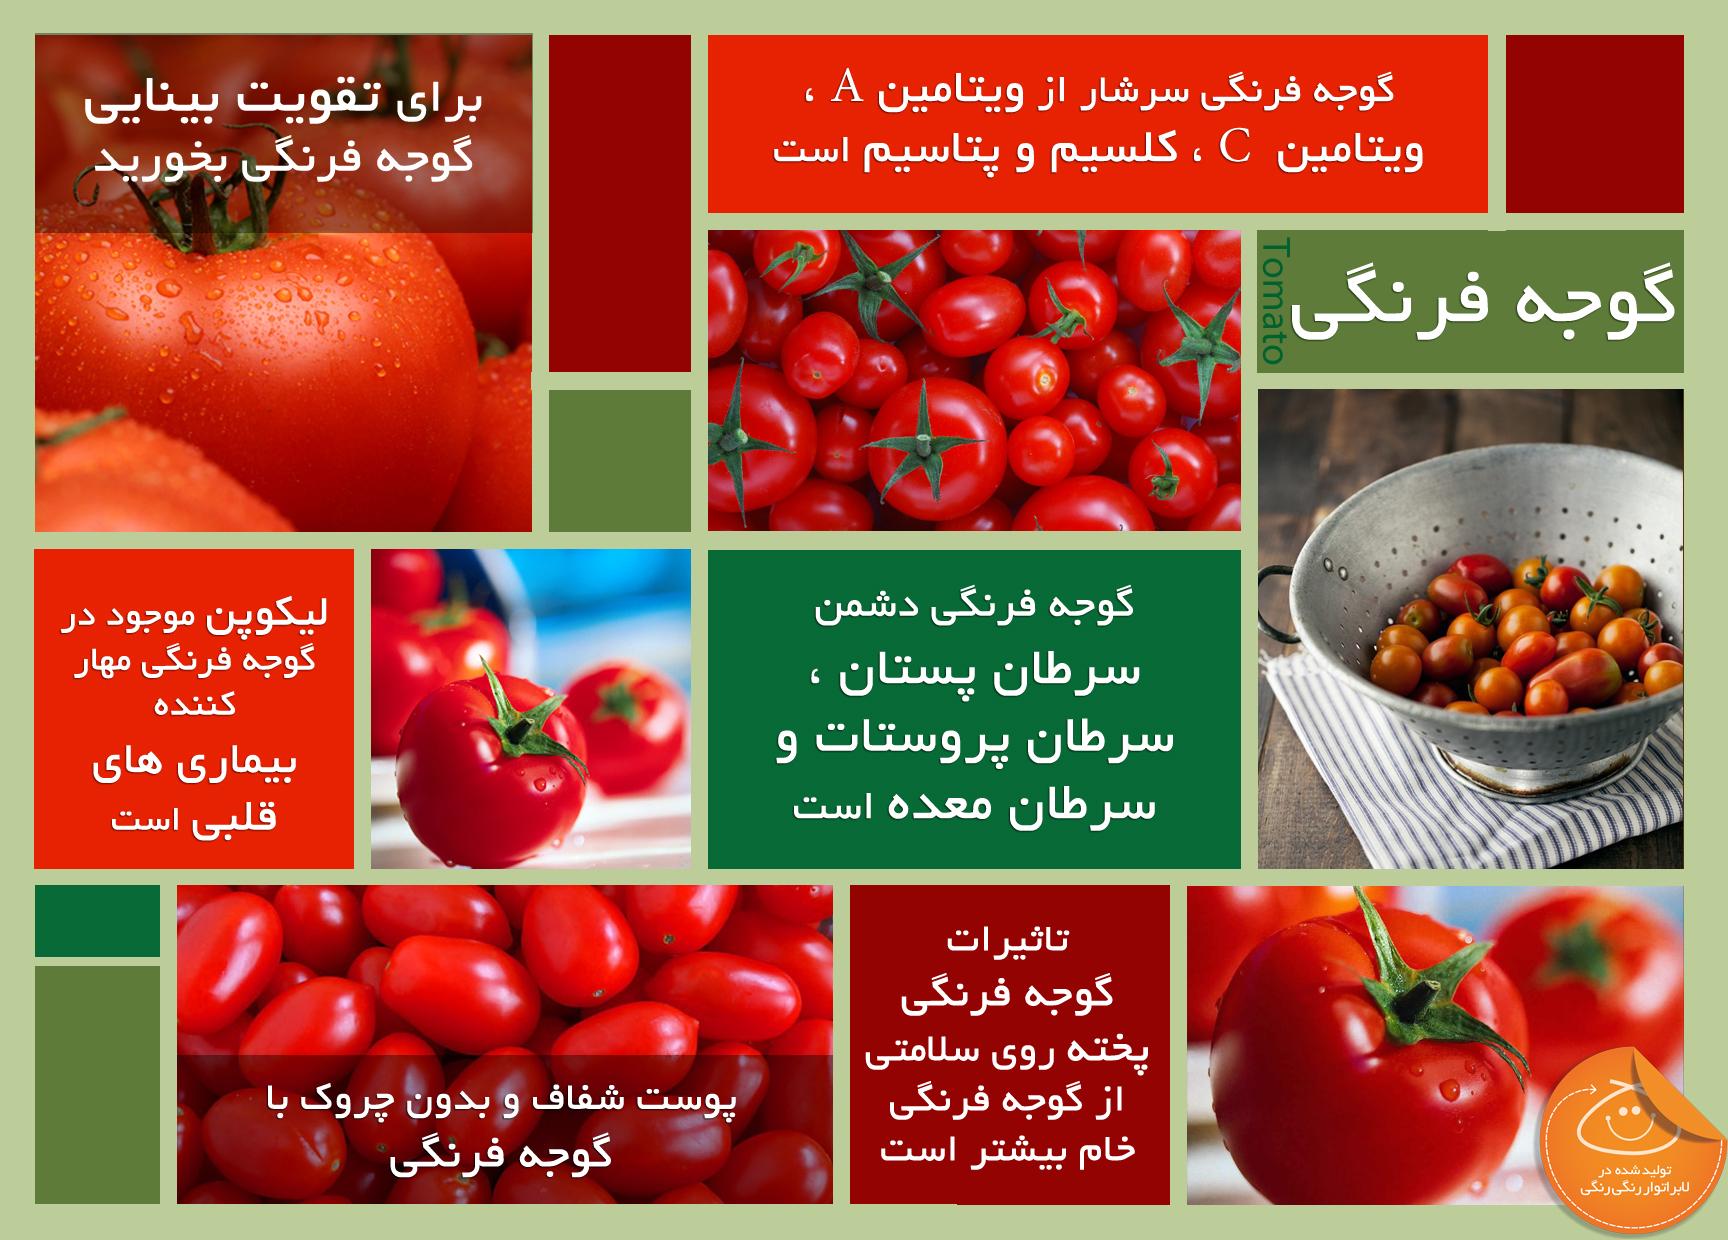 سفارش رب گوجه